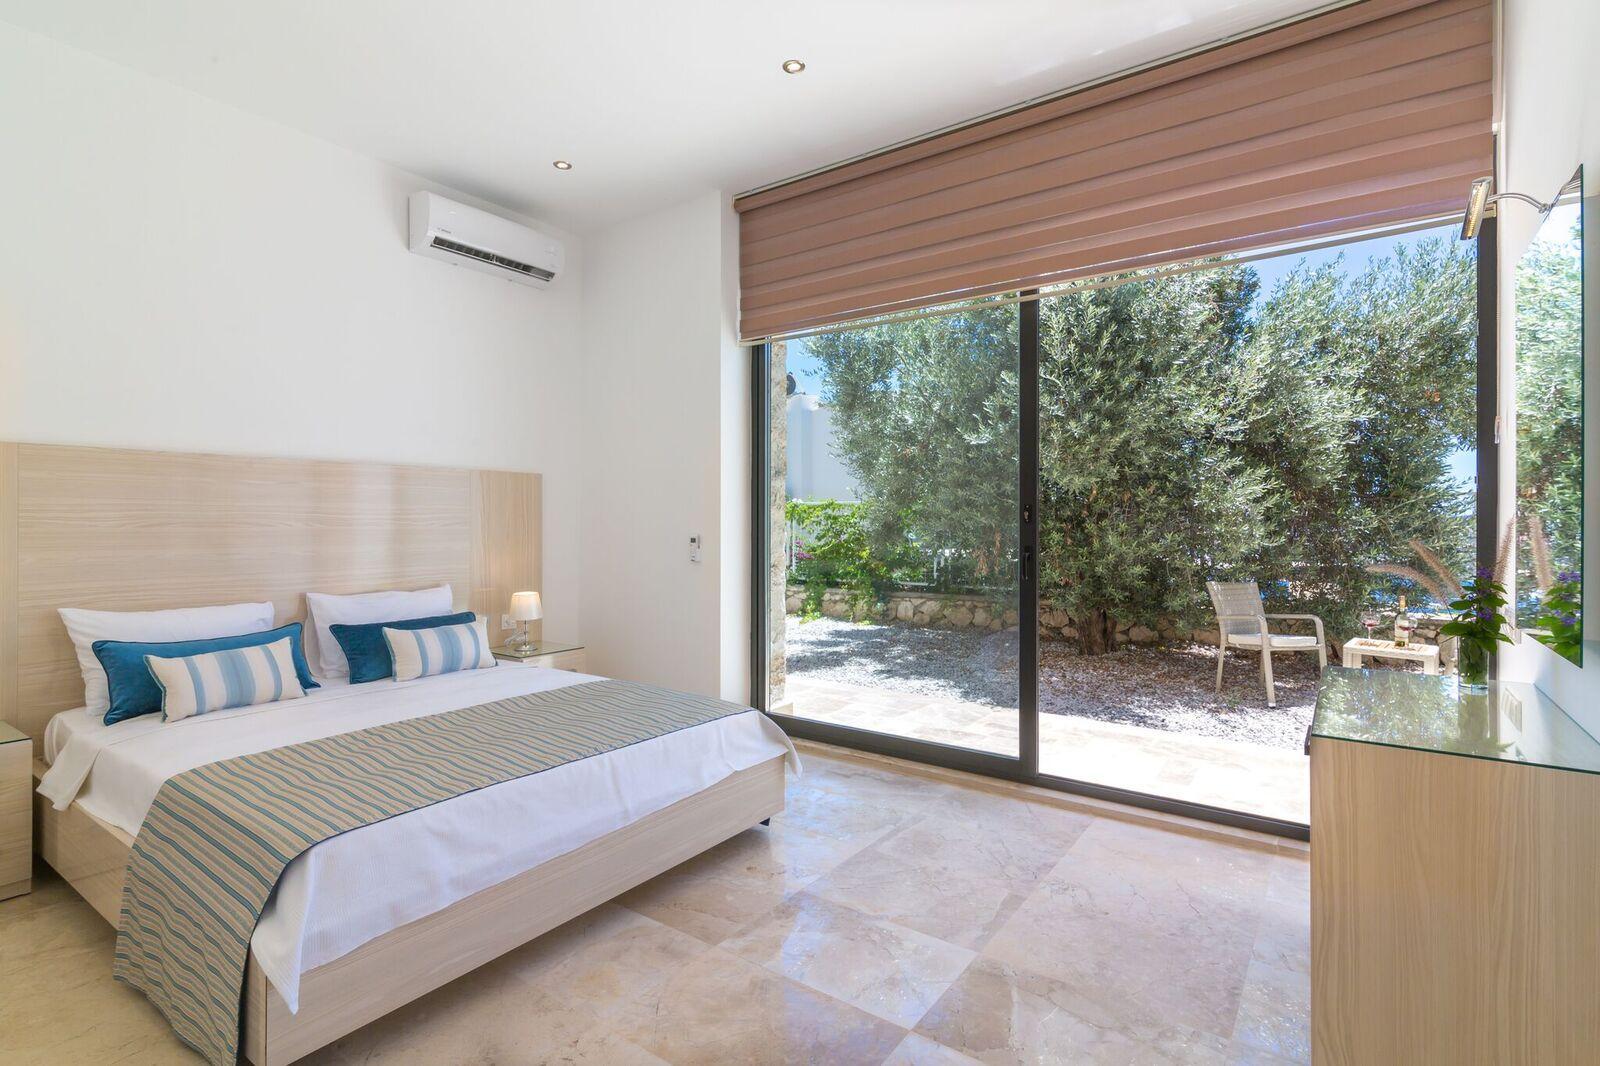 Bedroom 6 - Garden Bedroom 1